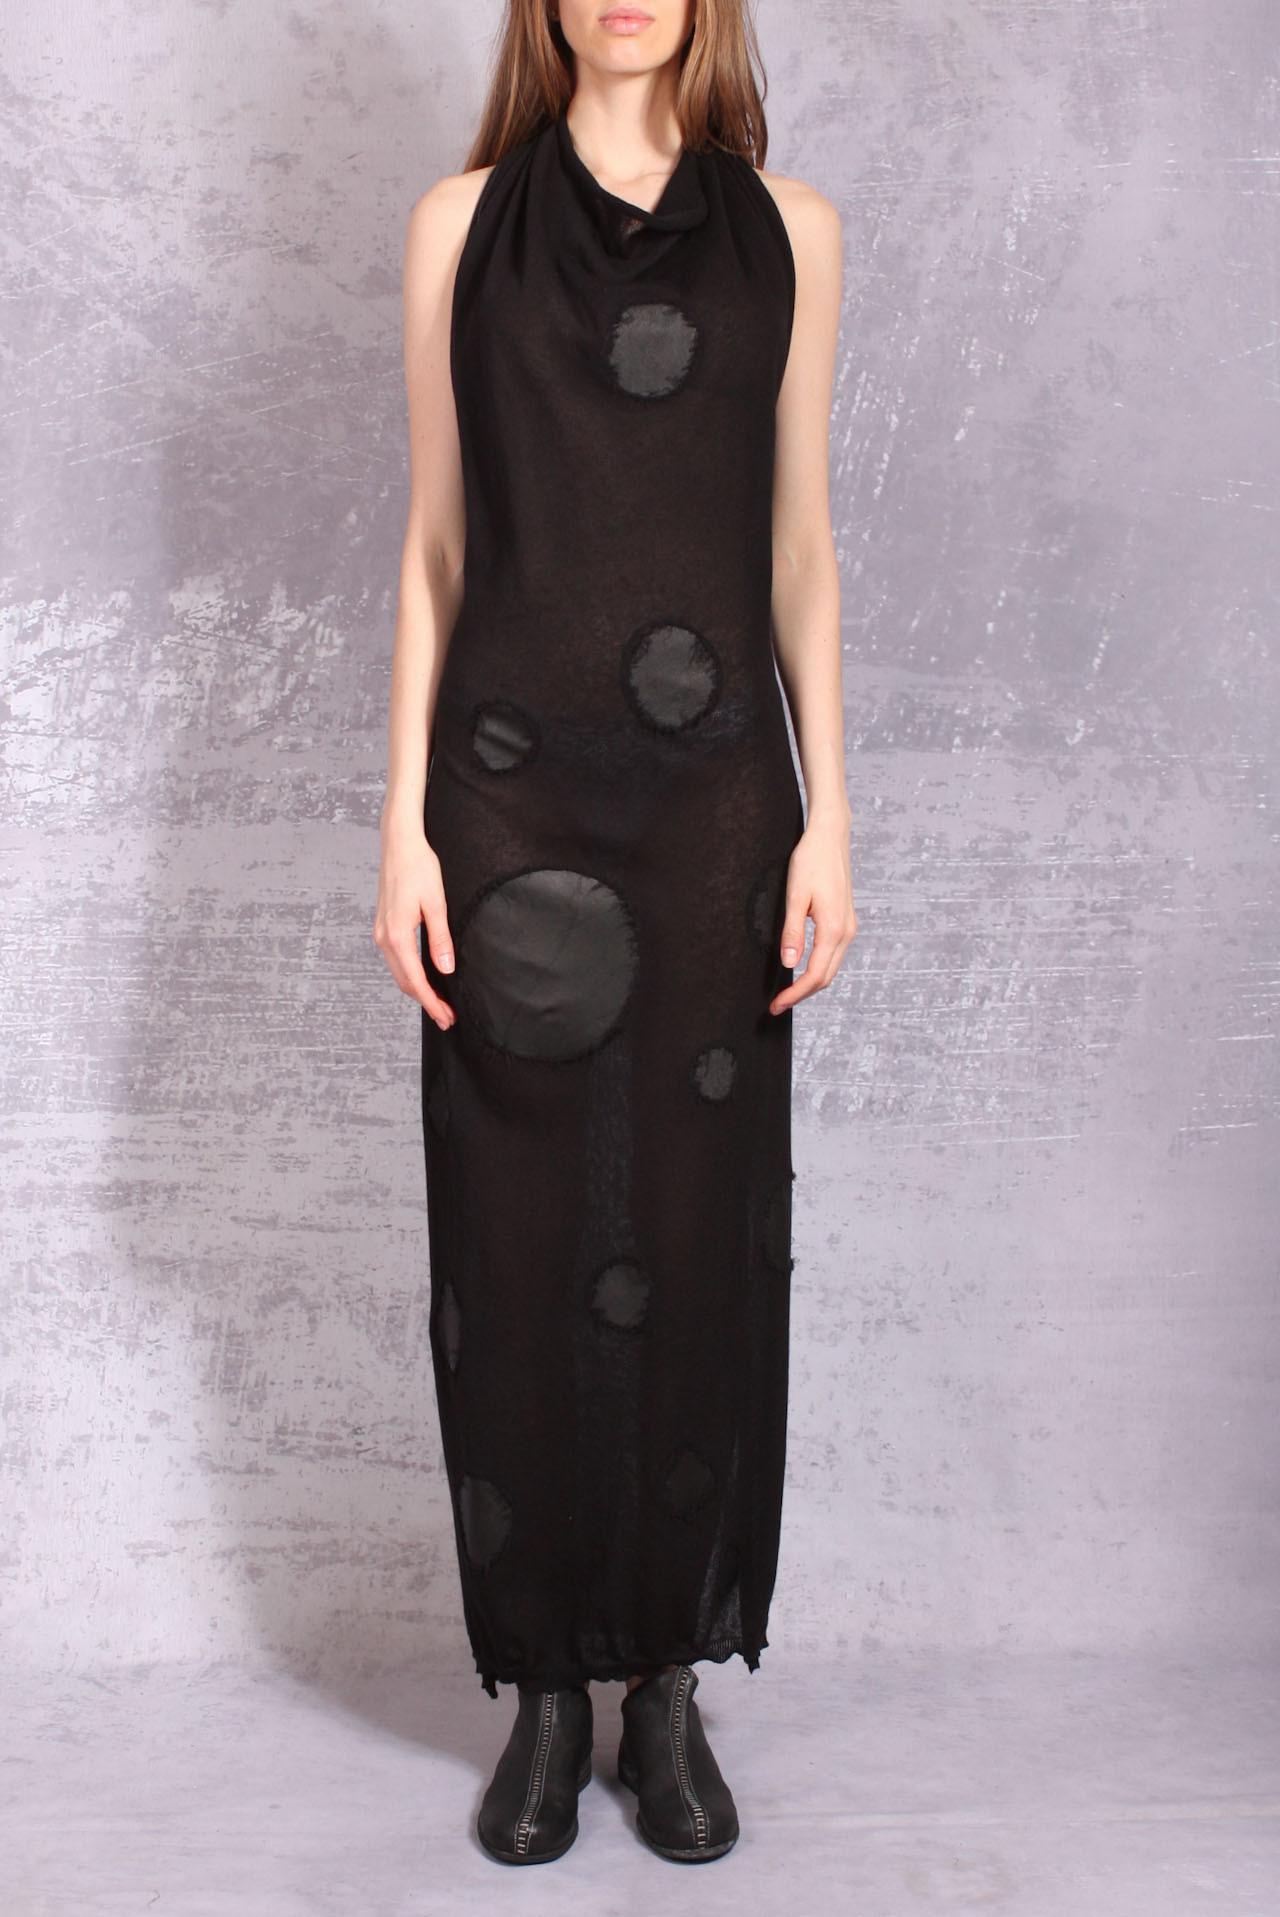 10sei0otto dress